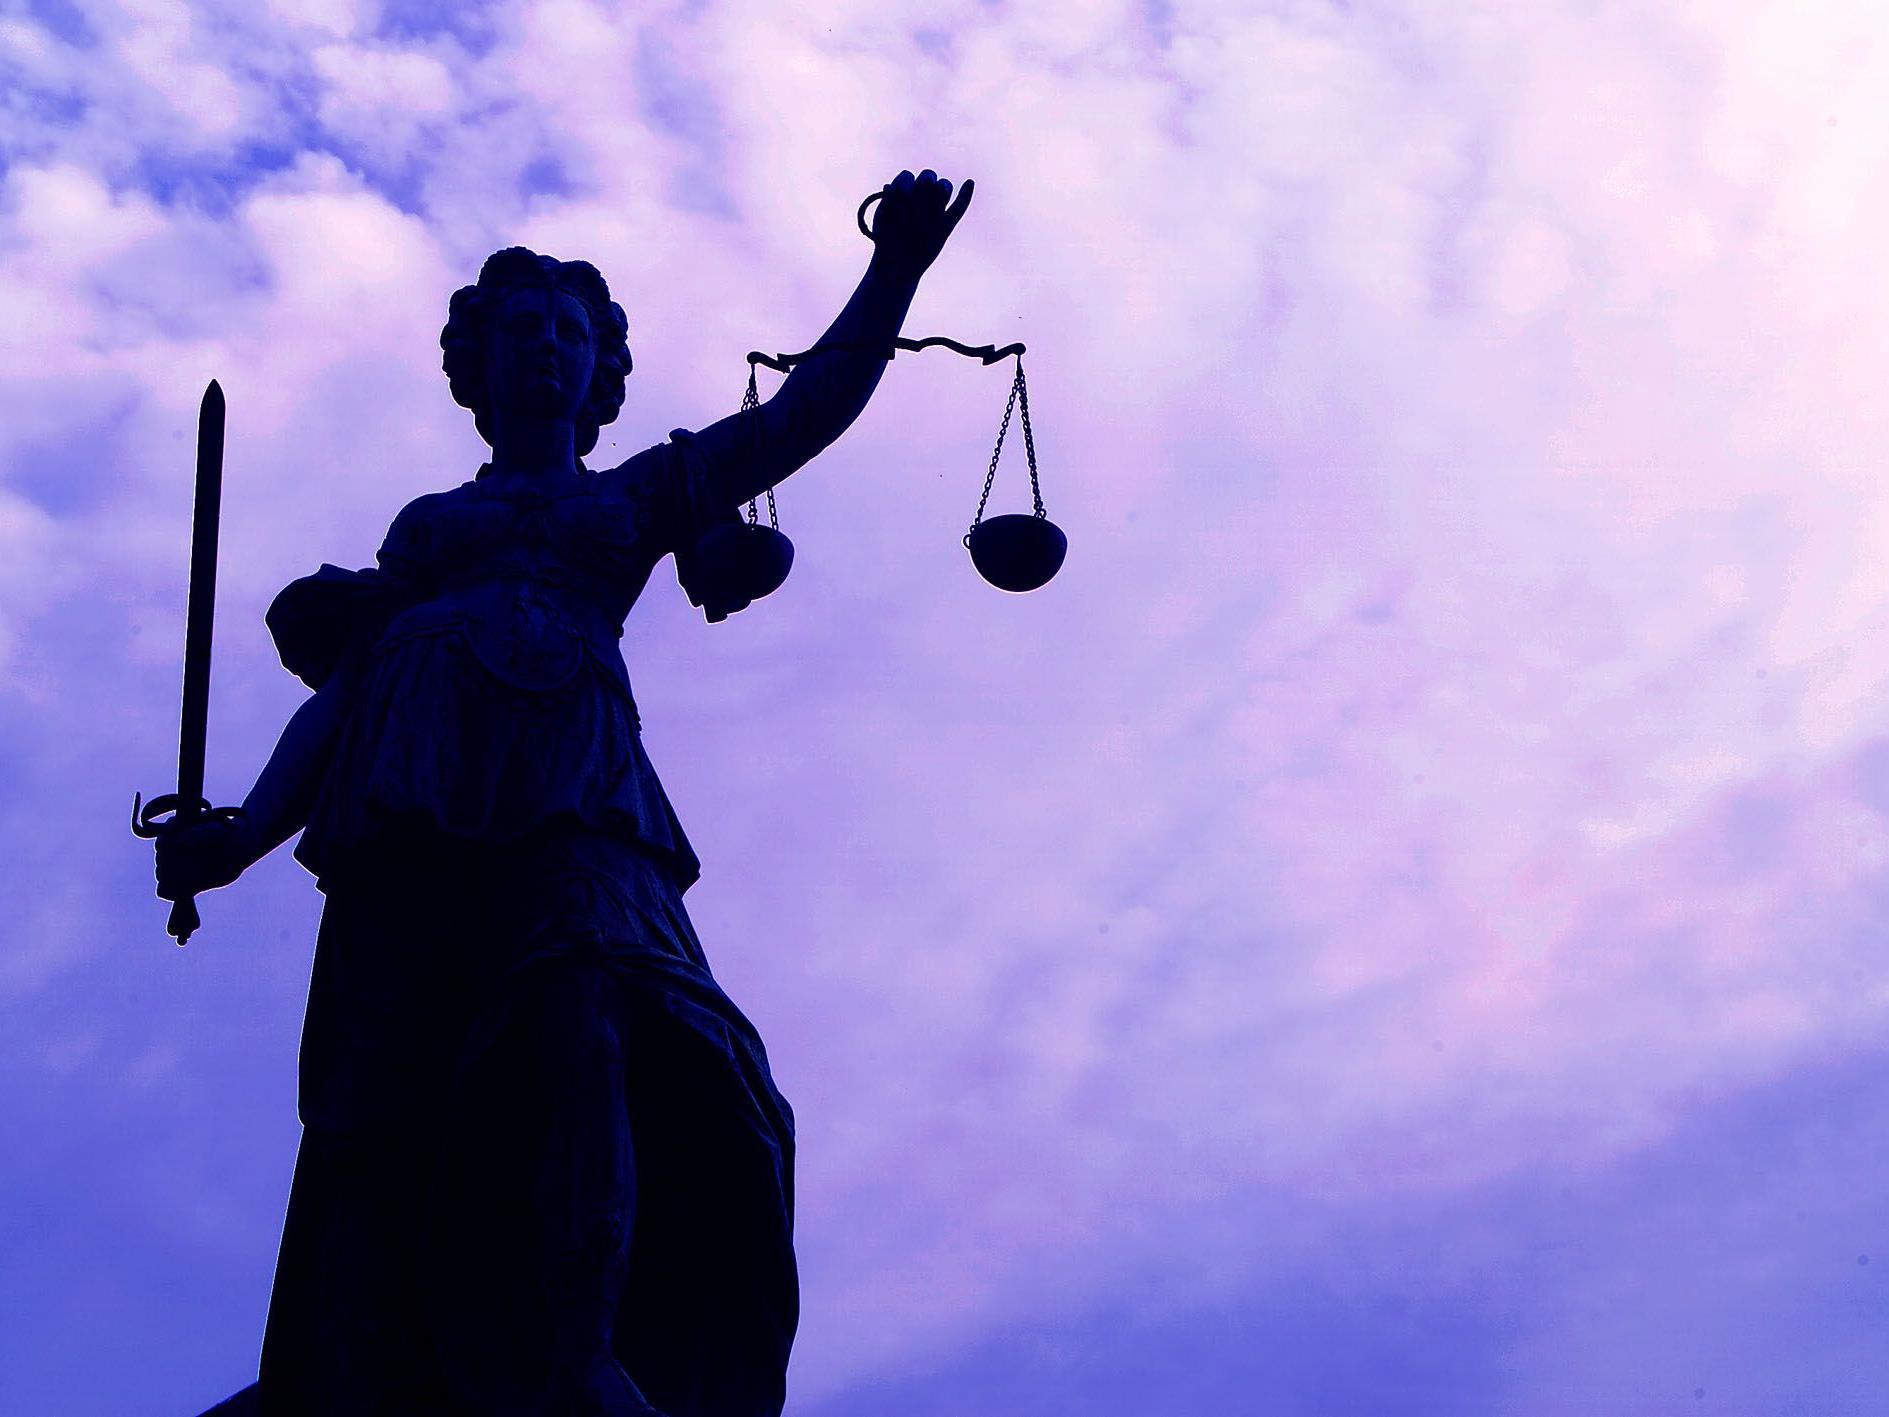 Schwerer Kredit-Betrug - 72-Jähriger verurteilt.